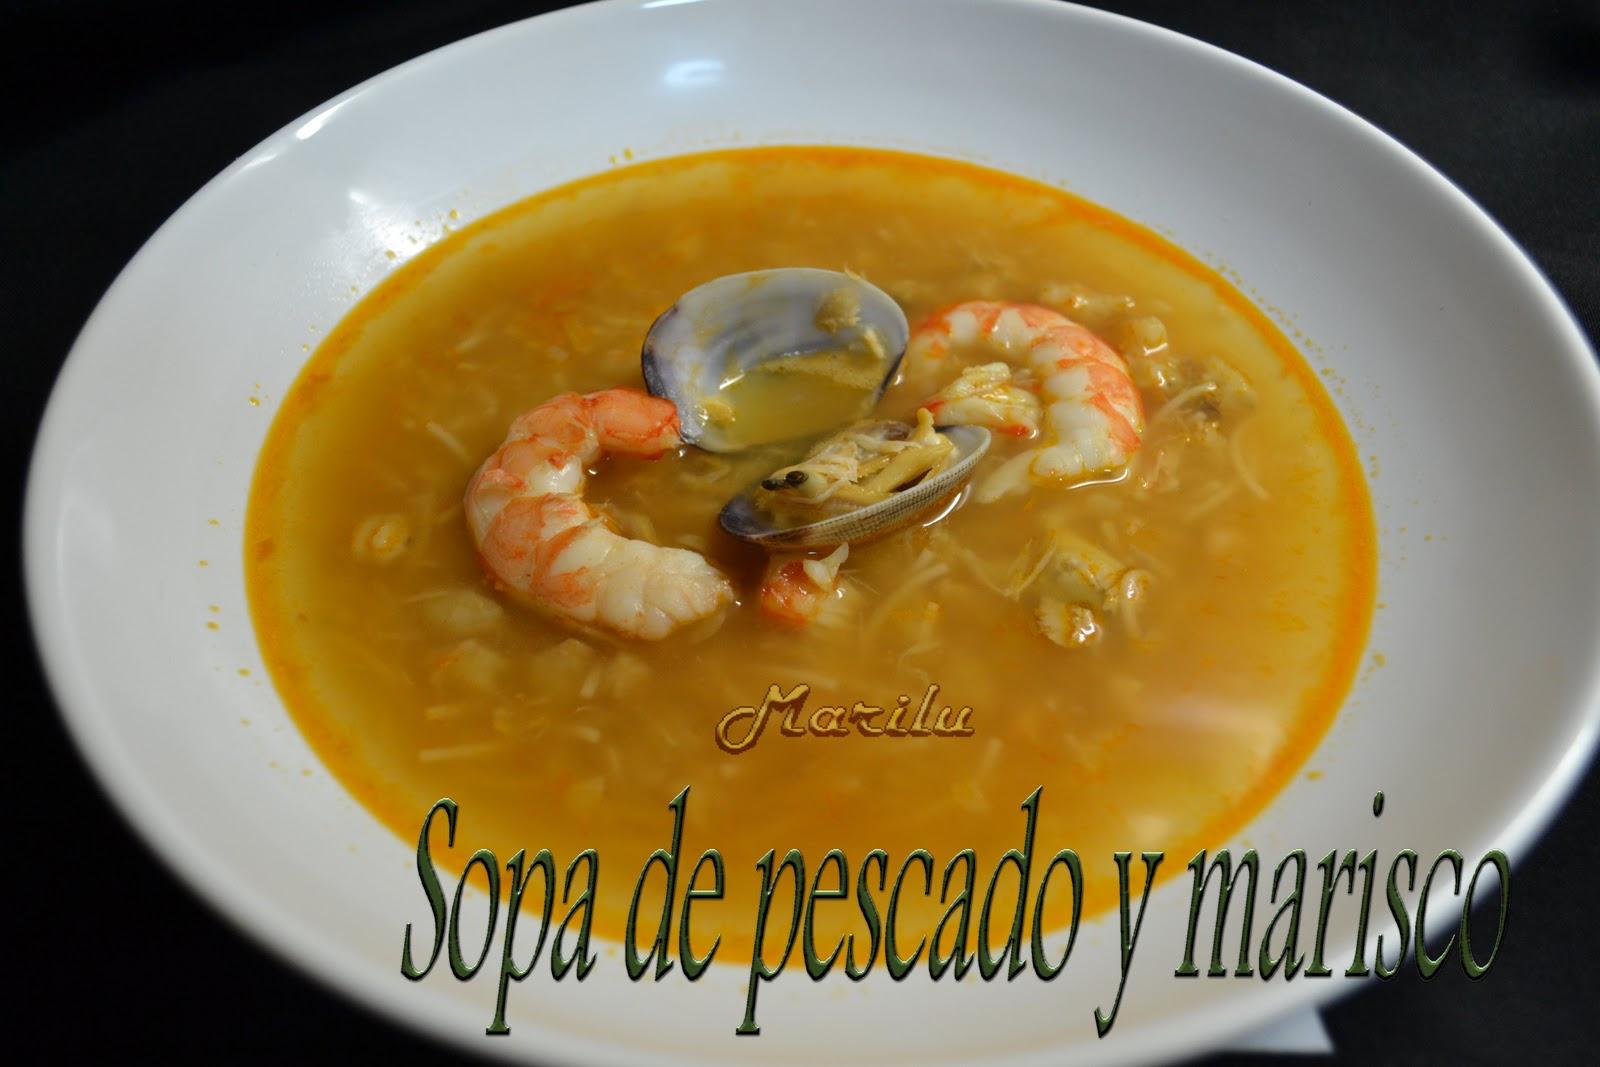 Maril entre pucheros sopa de pescado y marisco - Sopa de marisco y pescado ...